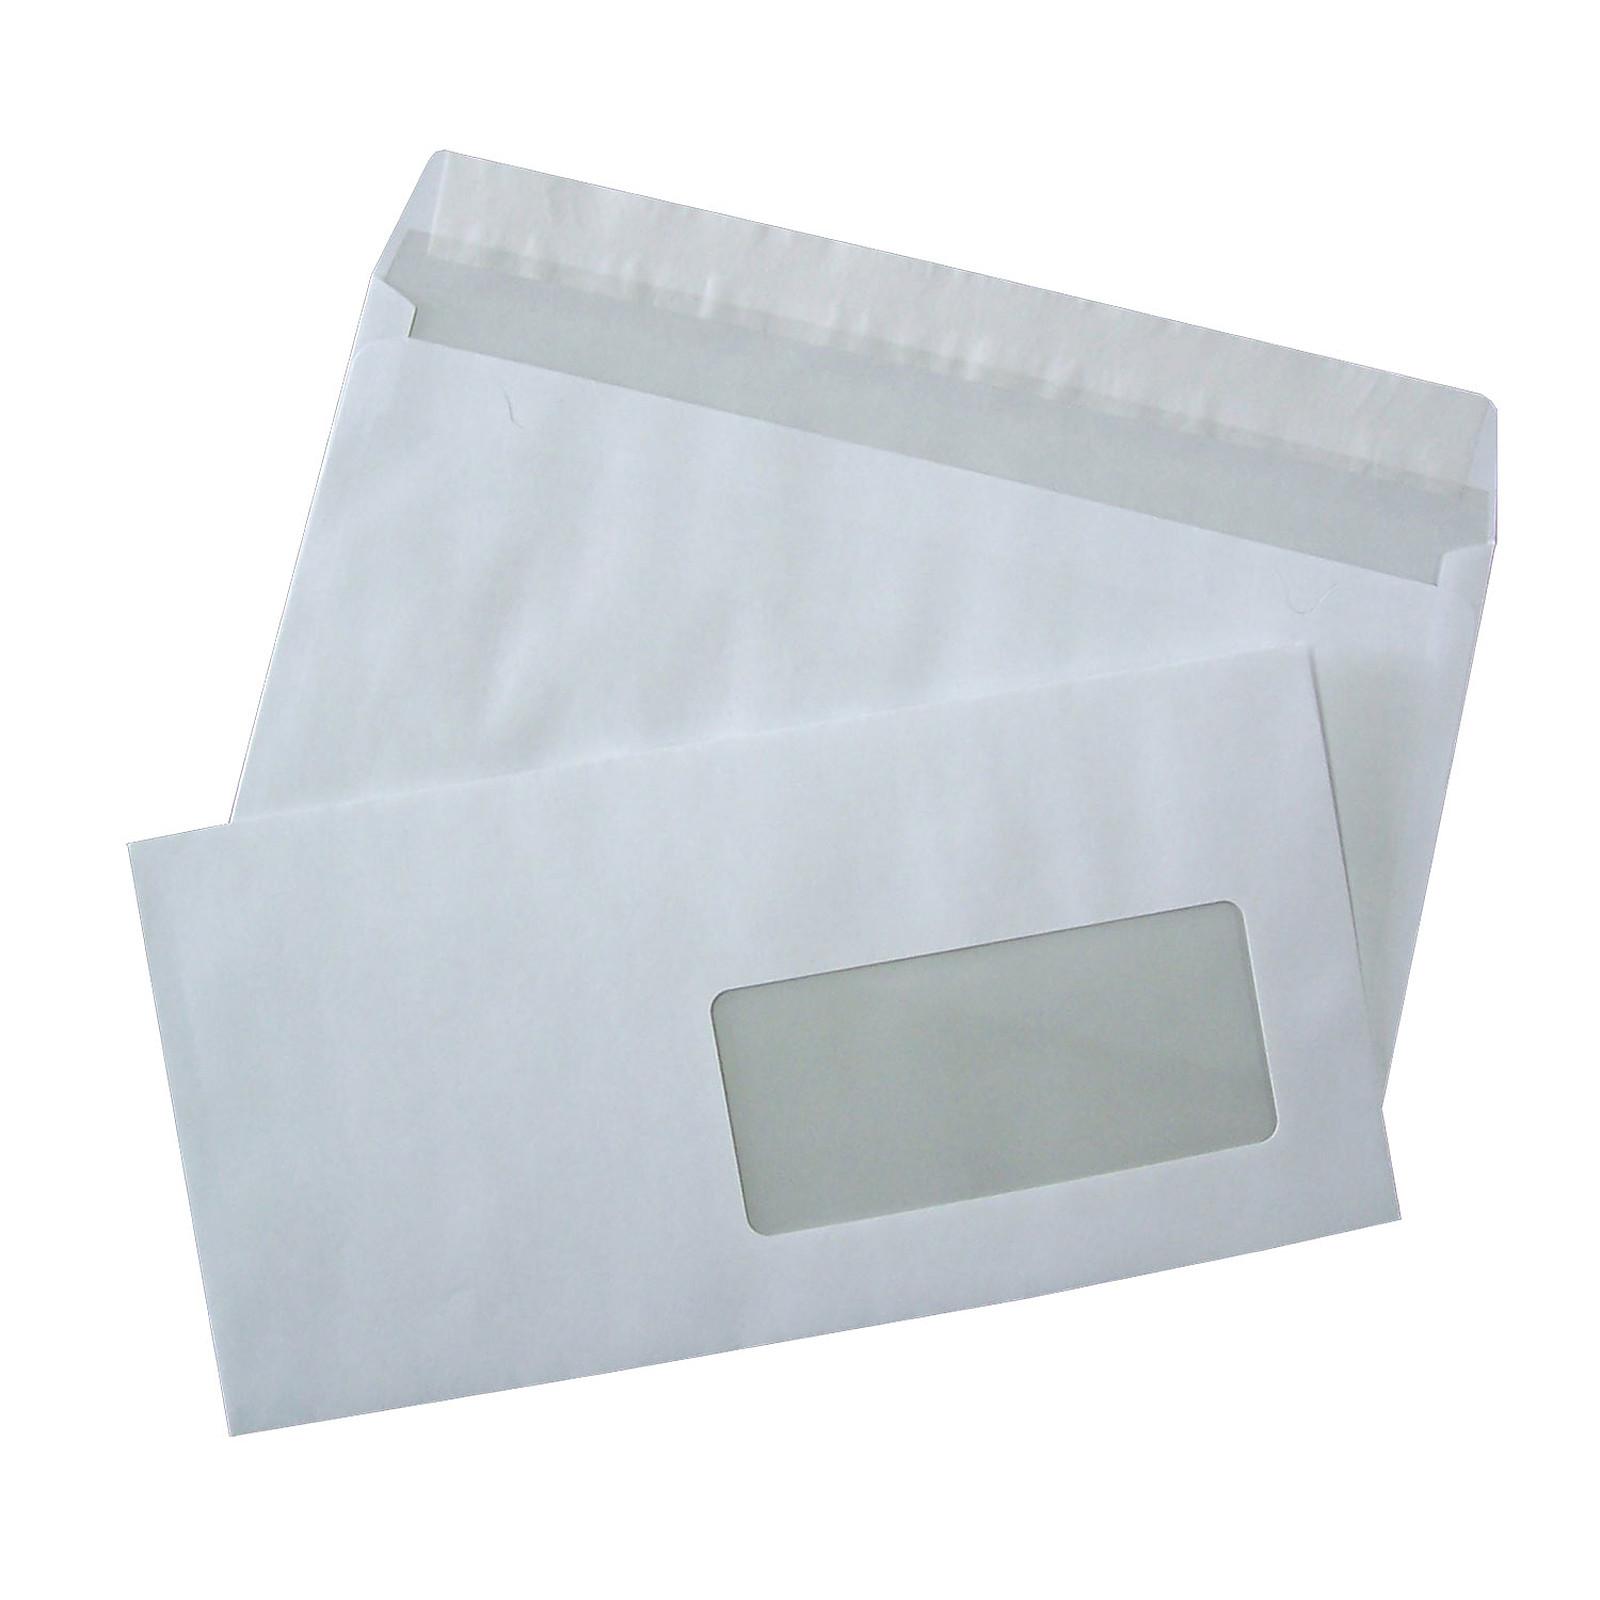 500 Enveloppes Dl Auto Adhésives 80g Fenêtre 45x100 Enveloppe